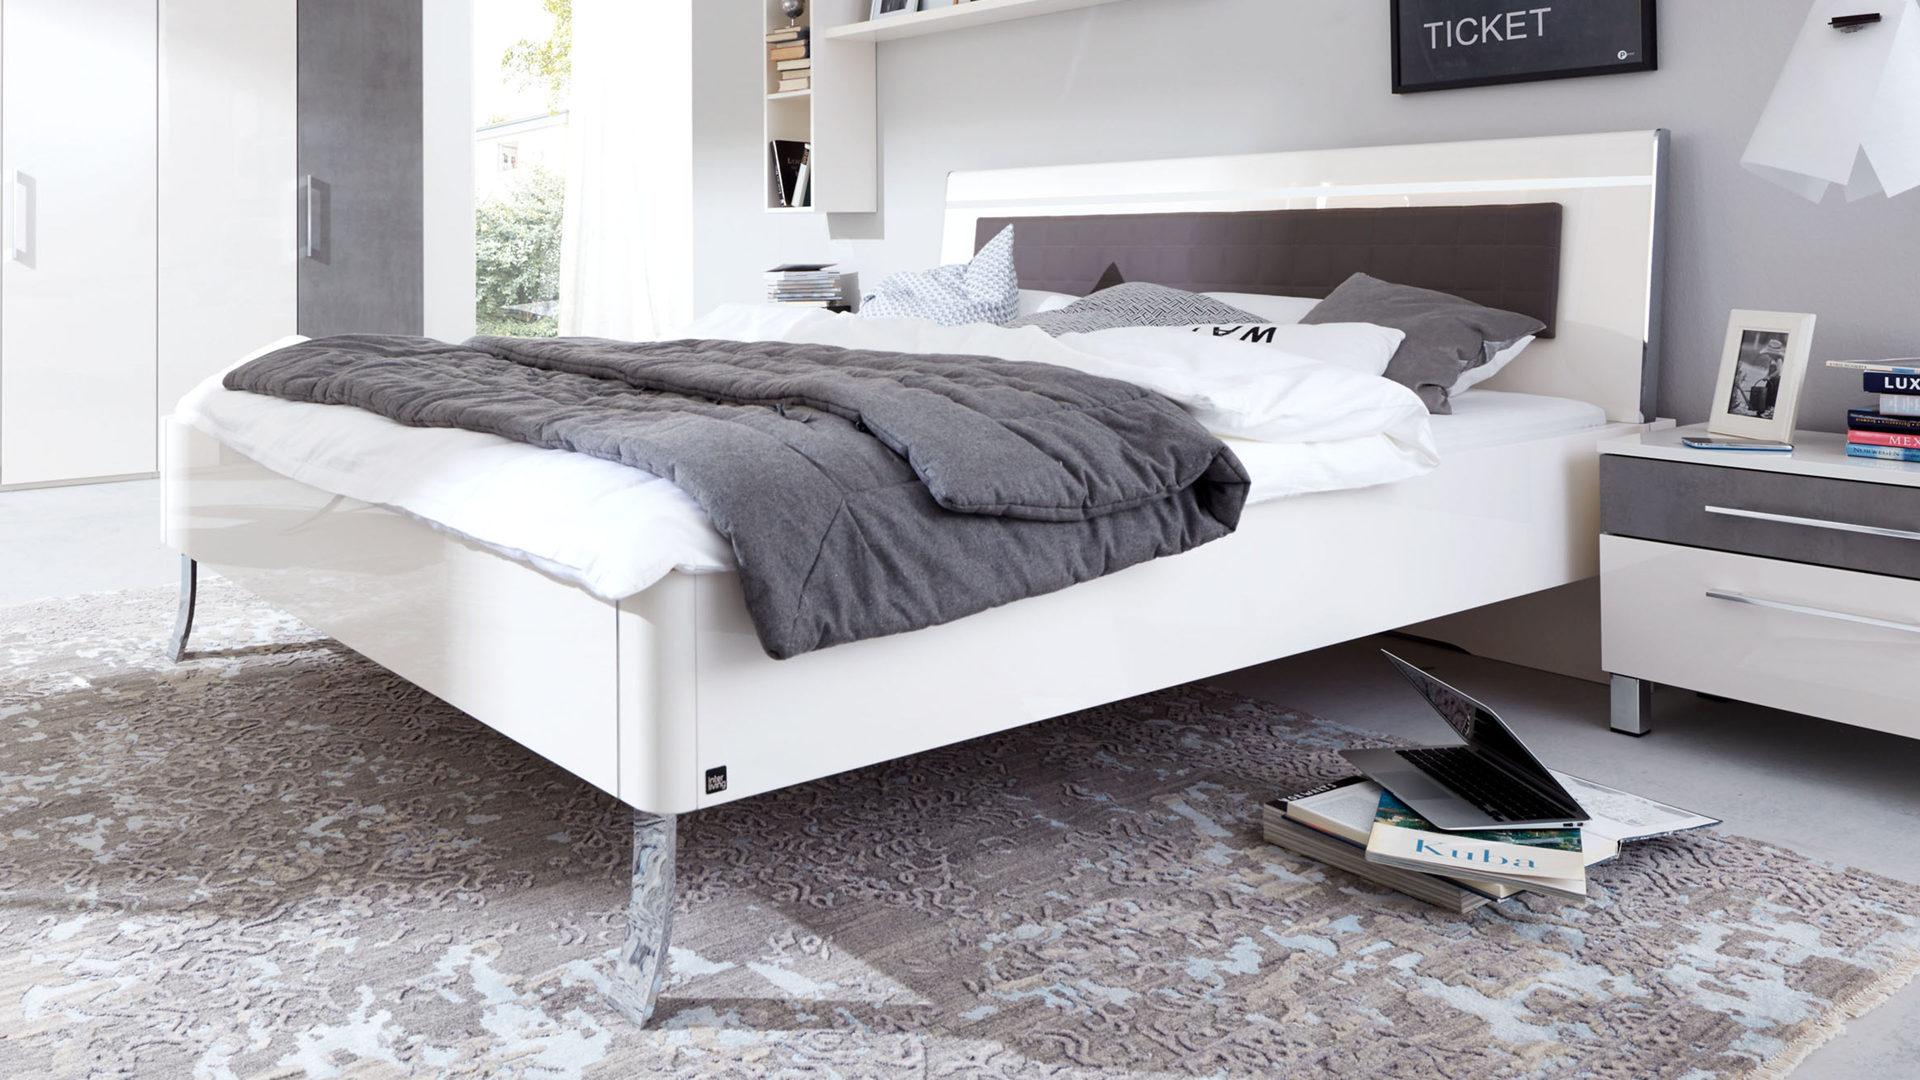 Interliving Schlafzimmer Serie 1003 – Bettgestell, Bianco weiße  Hochglanzoberflächen - Liegefläche ca. 180 x 200 cm